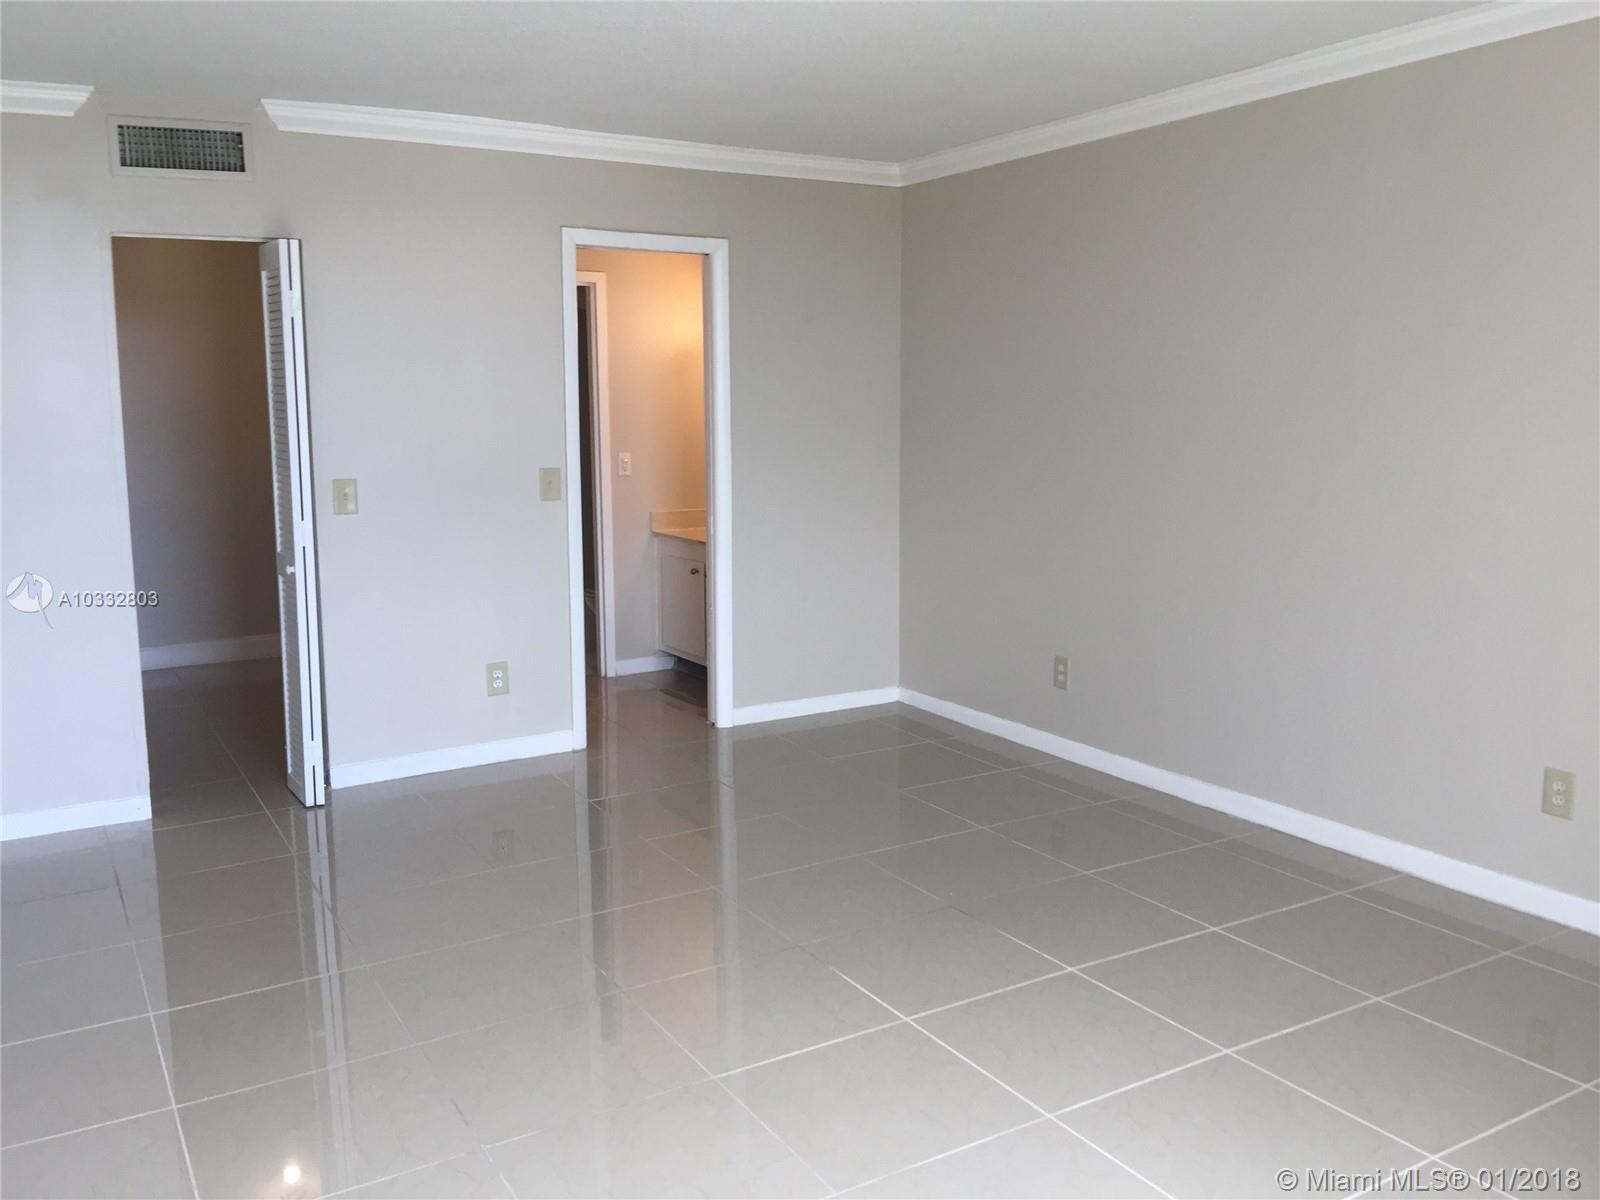 2020 NE 135th St #507, North Miami, Florida image 22